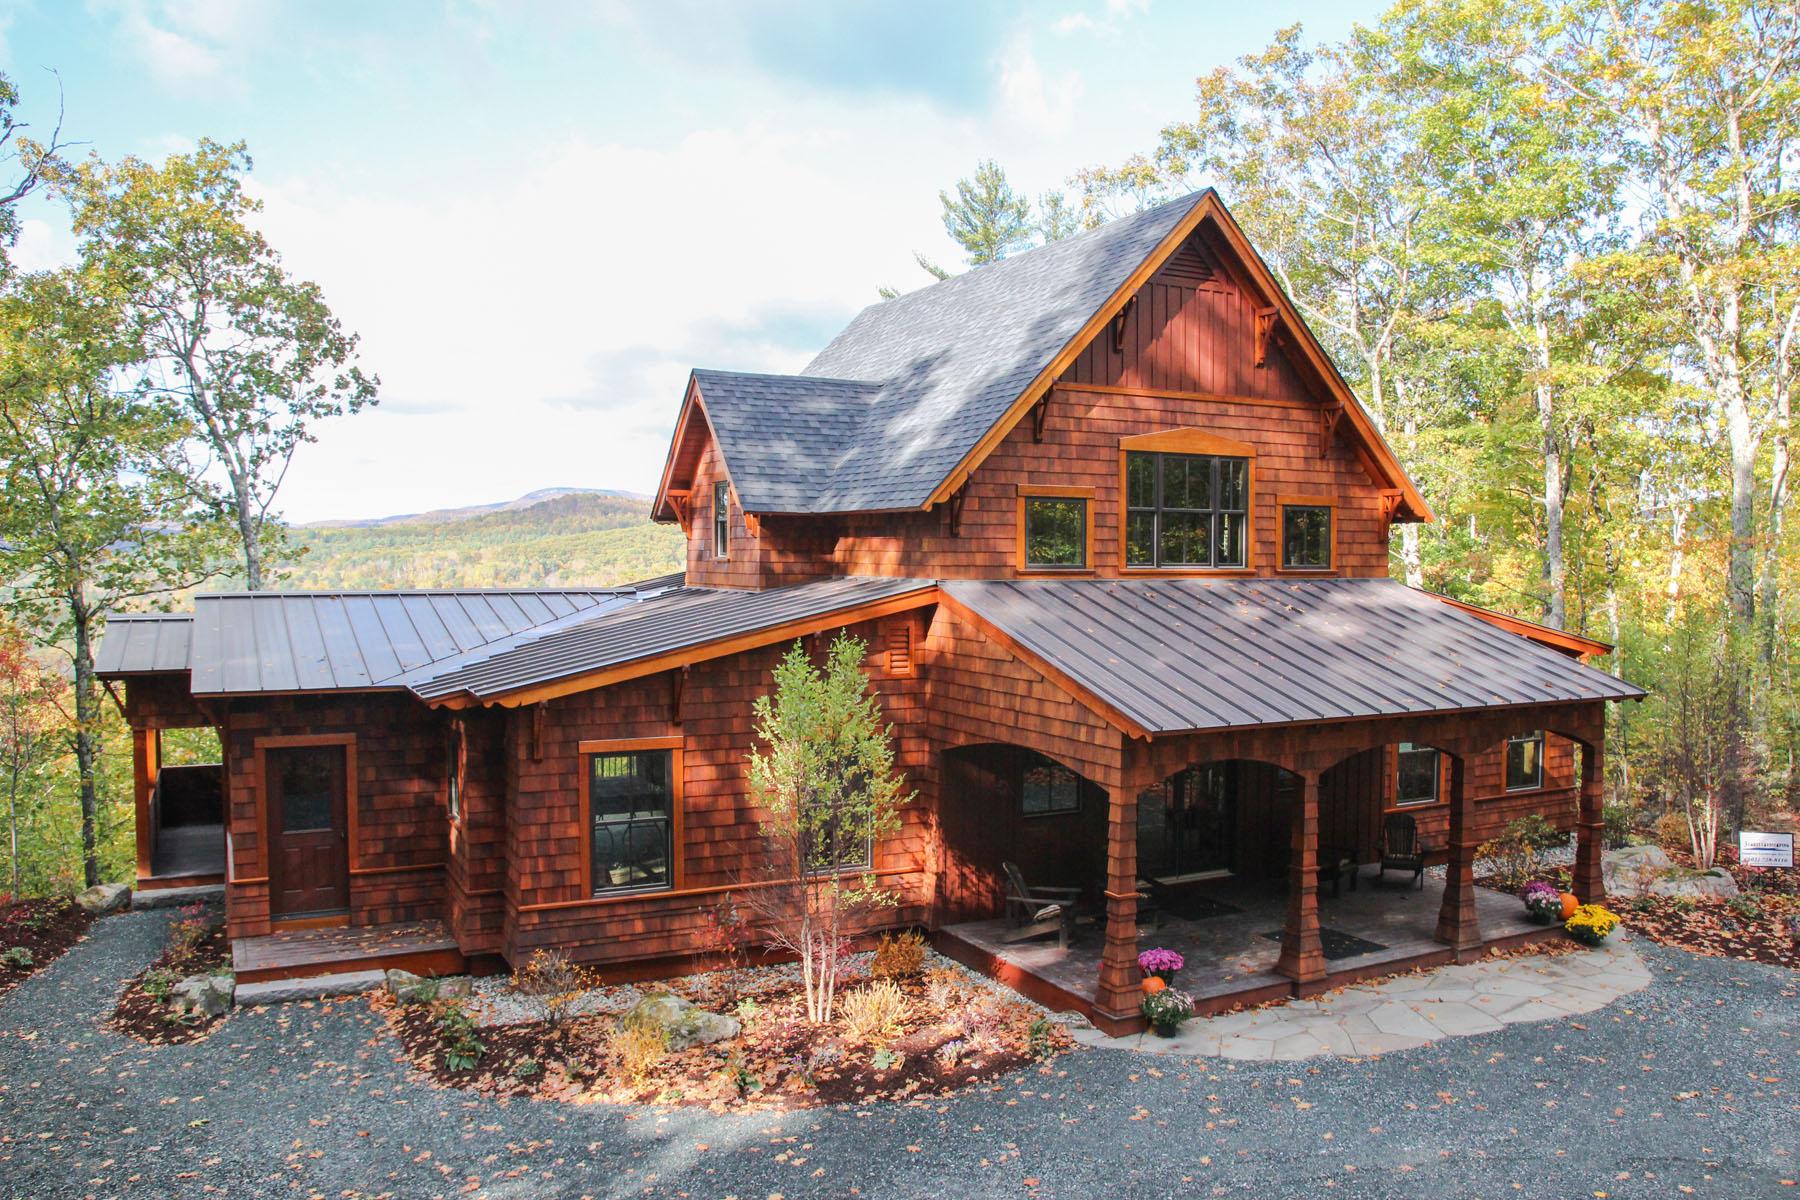 独户住宅 为 销售 在 14 Squam River Landing, Ashland Ashland, 新罕布什尔州 03217 美国